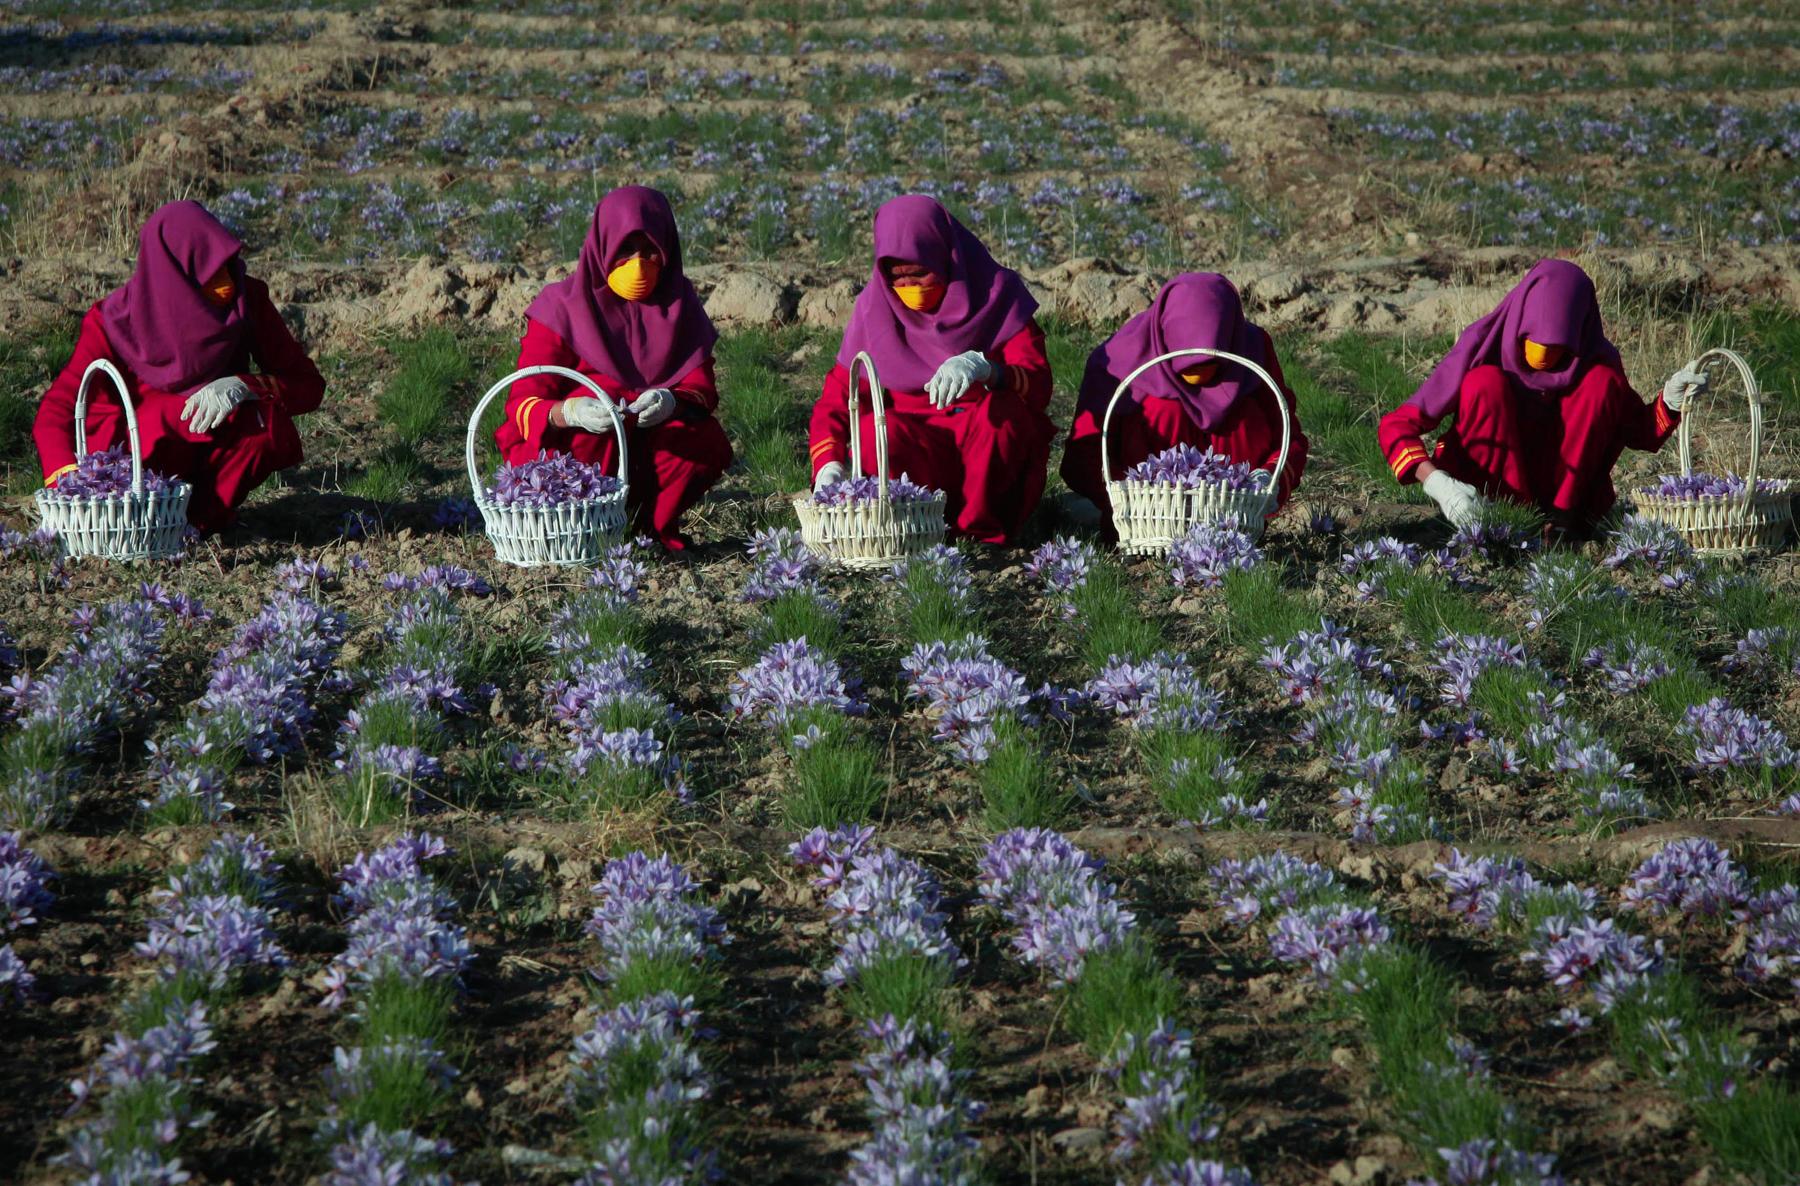 Women putting saffron flowers in baskets (© AP Images)